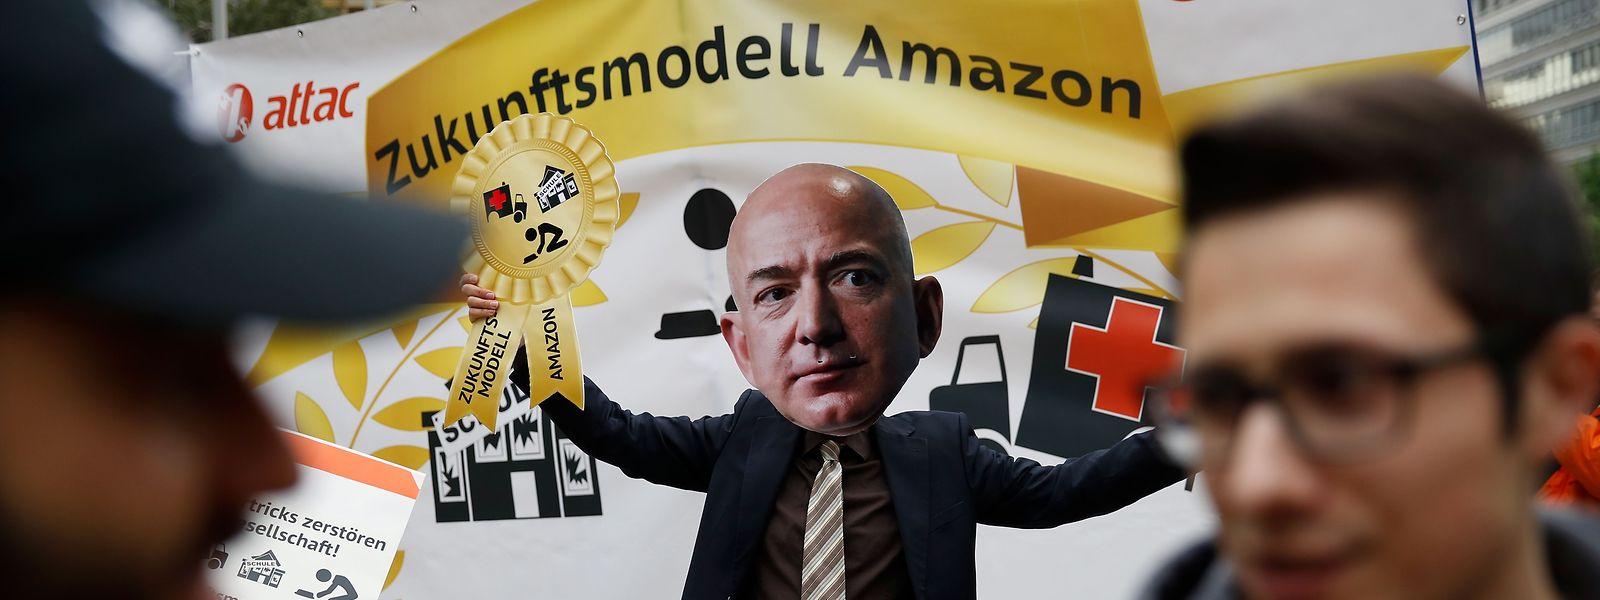 O patrão da Amazon, Jeff Bezos, tem sido alvo de protestos.